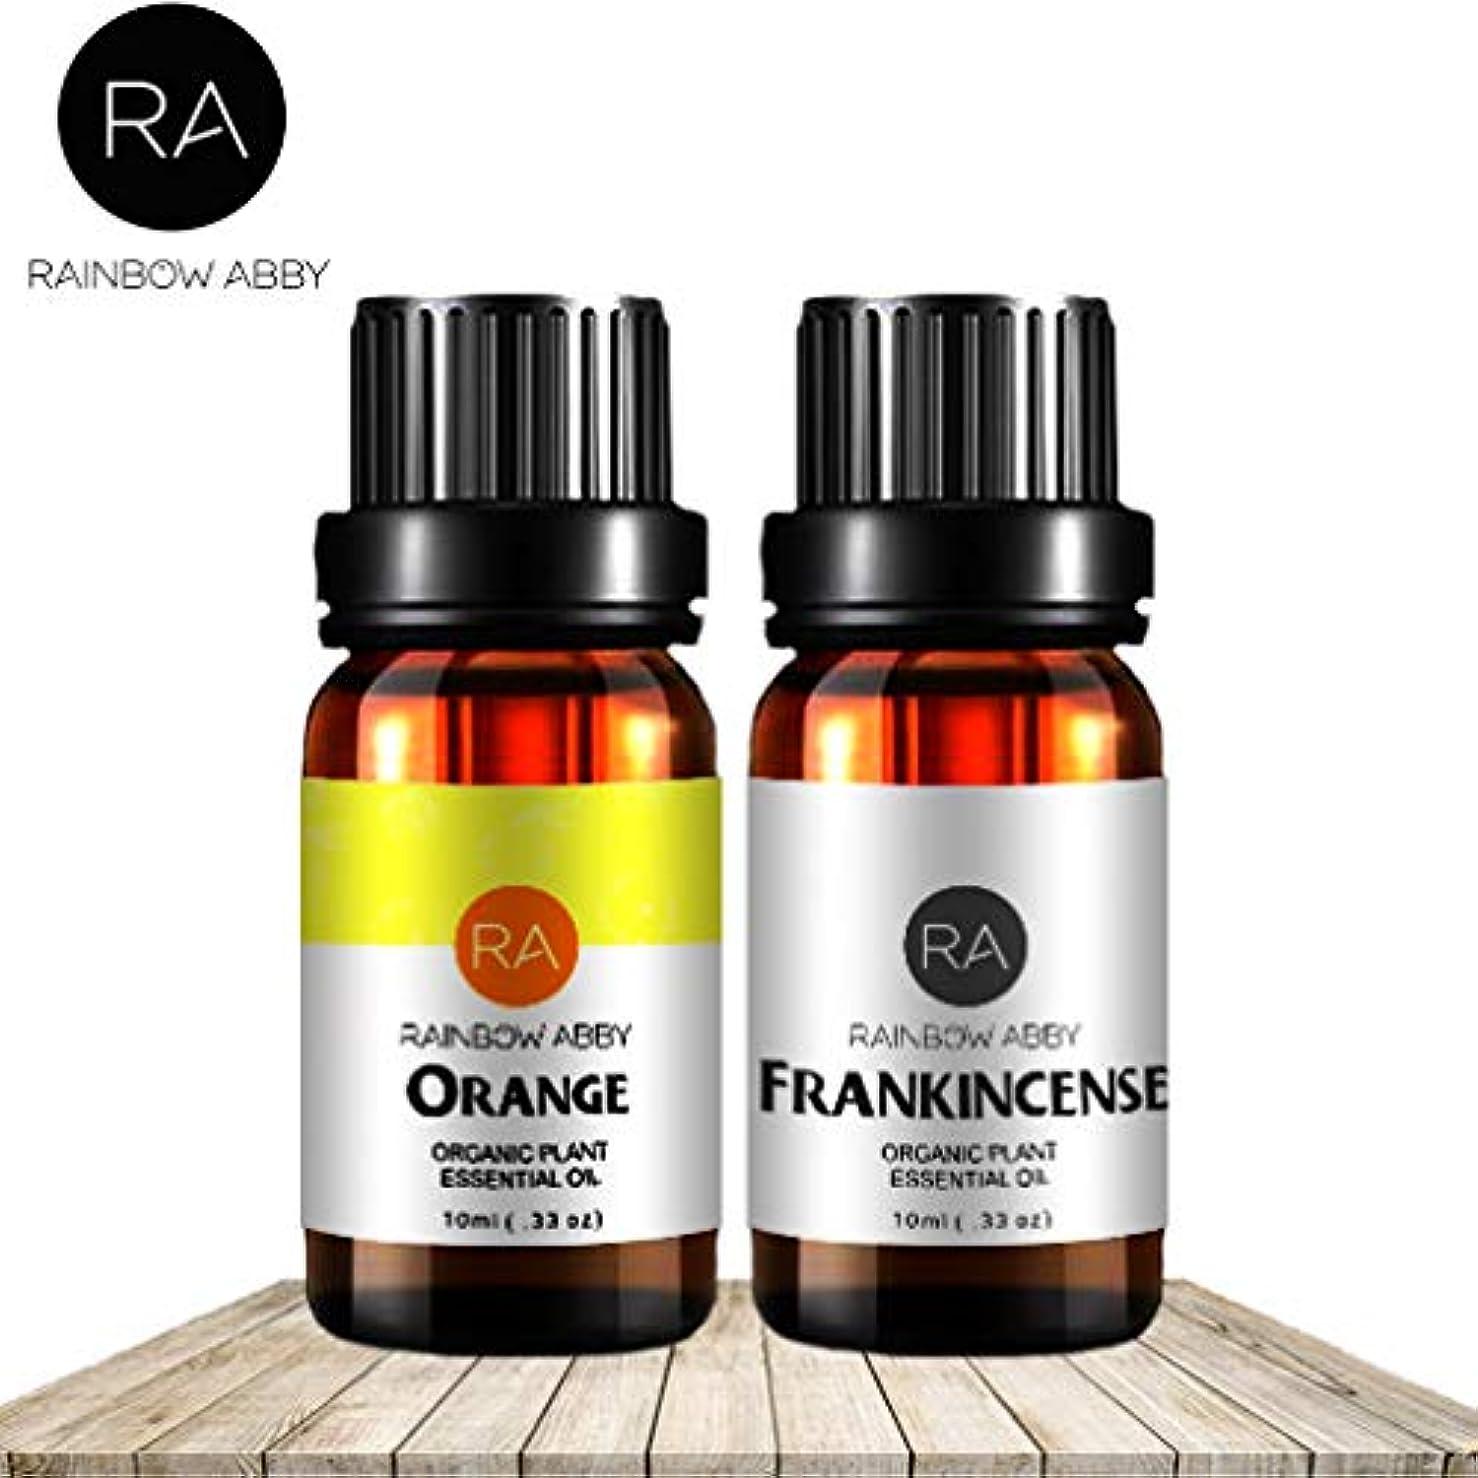 不安定な真似る体現するRAINBOW ABBY フランキンセンス オレンジ エッセンシャル オイル セット アロマ100% 純粋 セラピー 等級油 2/10ml- 2パック